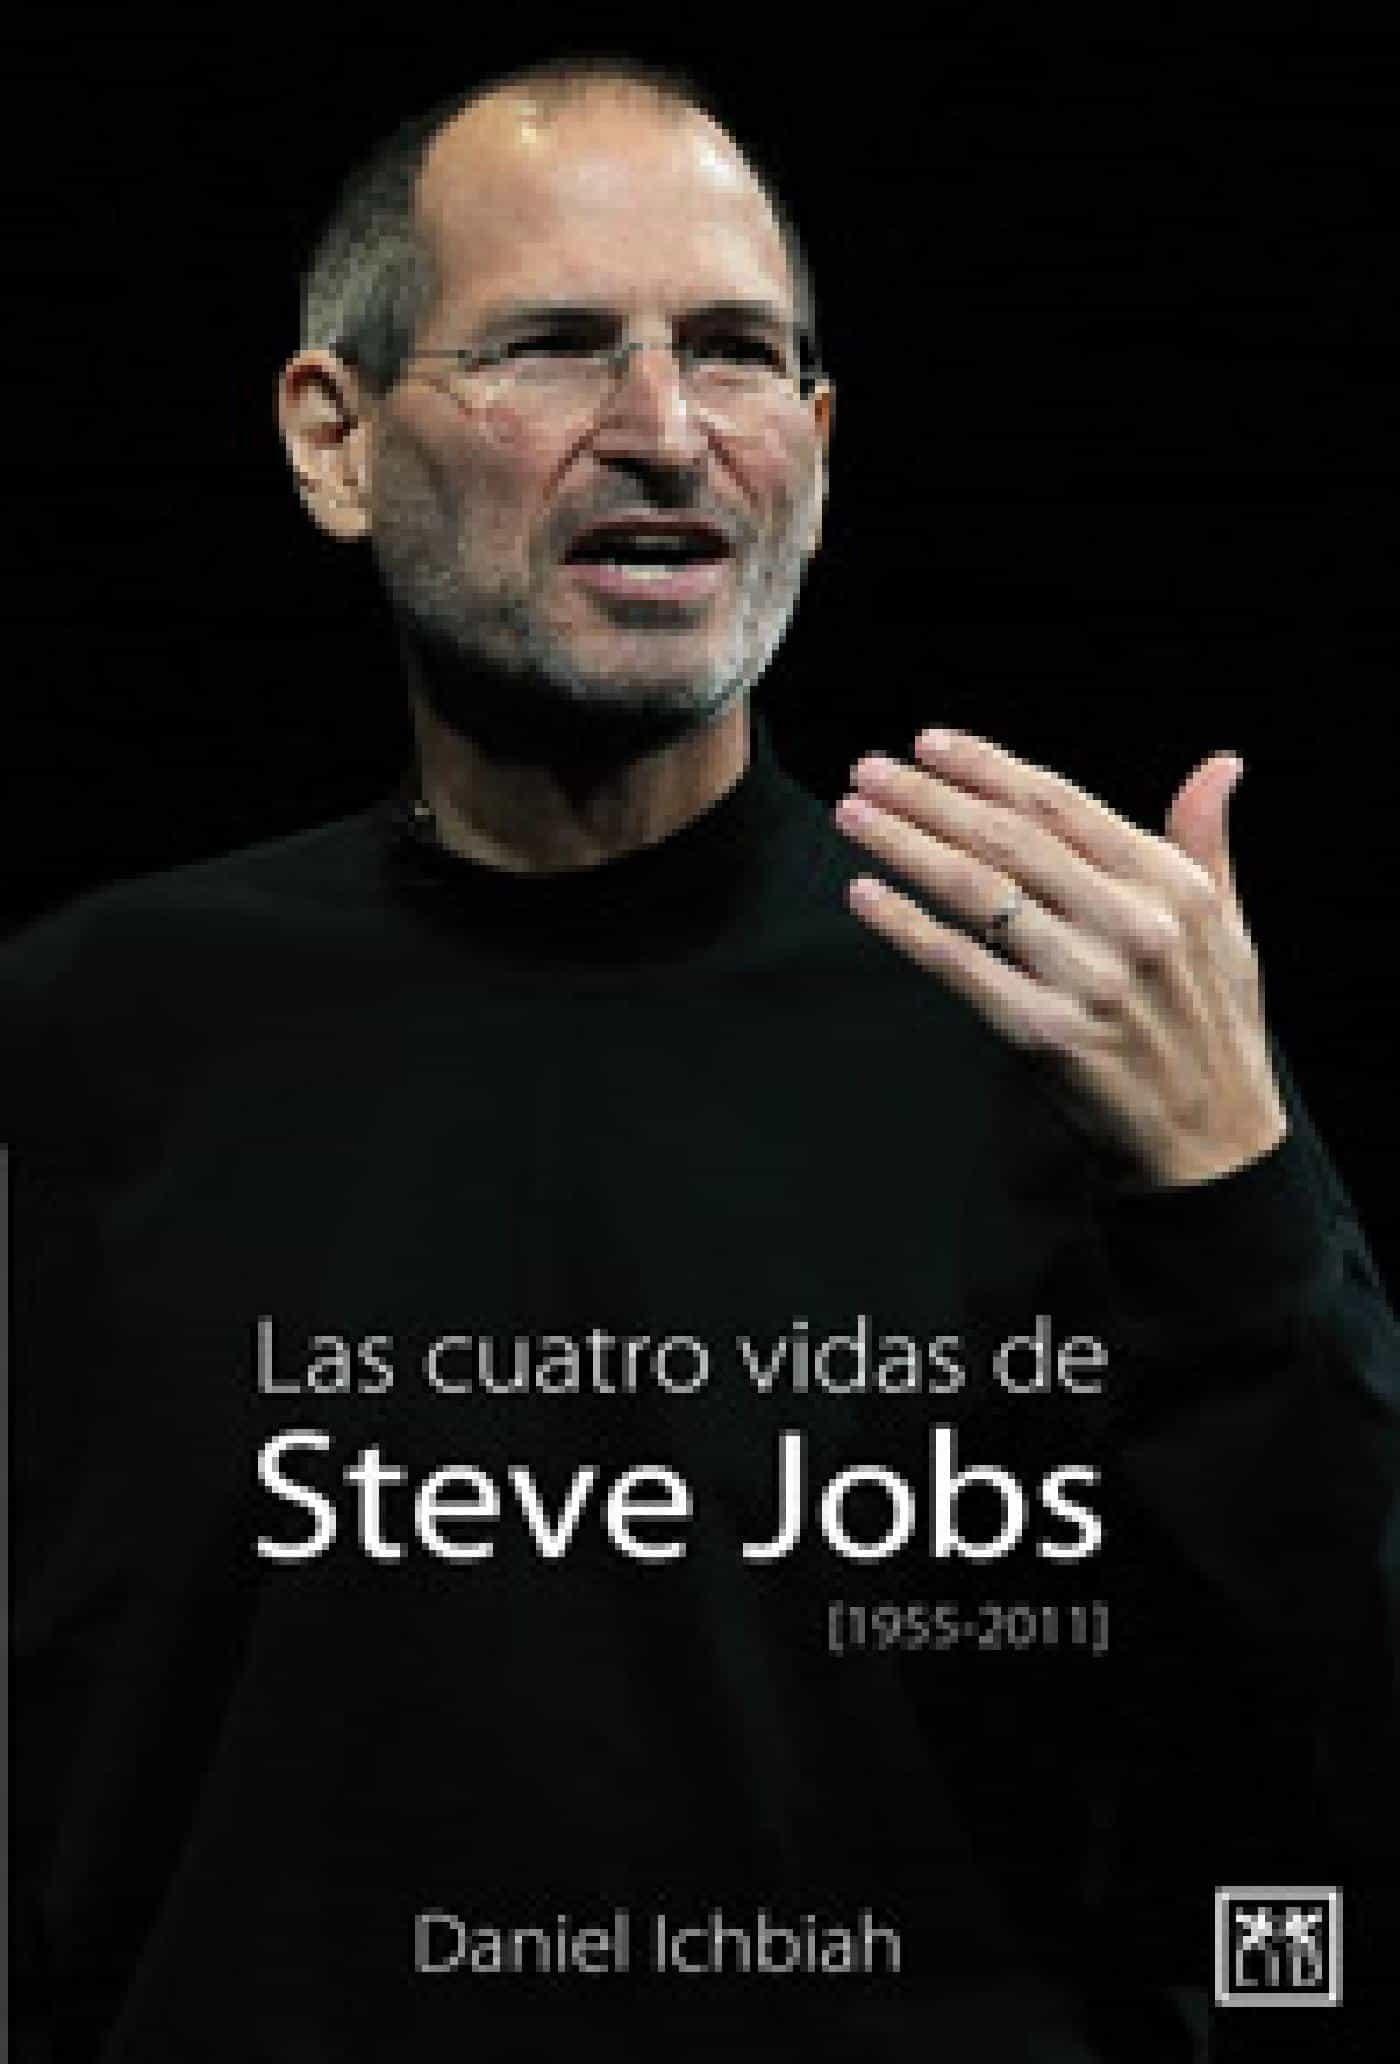 Las cuatro vidas de steve jobs ebook daniel ichbia 9788483566381